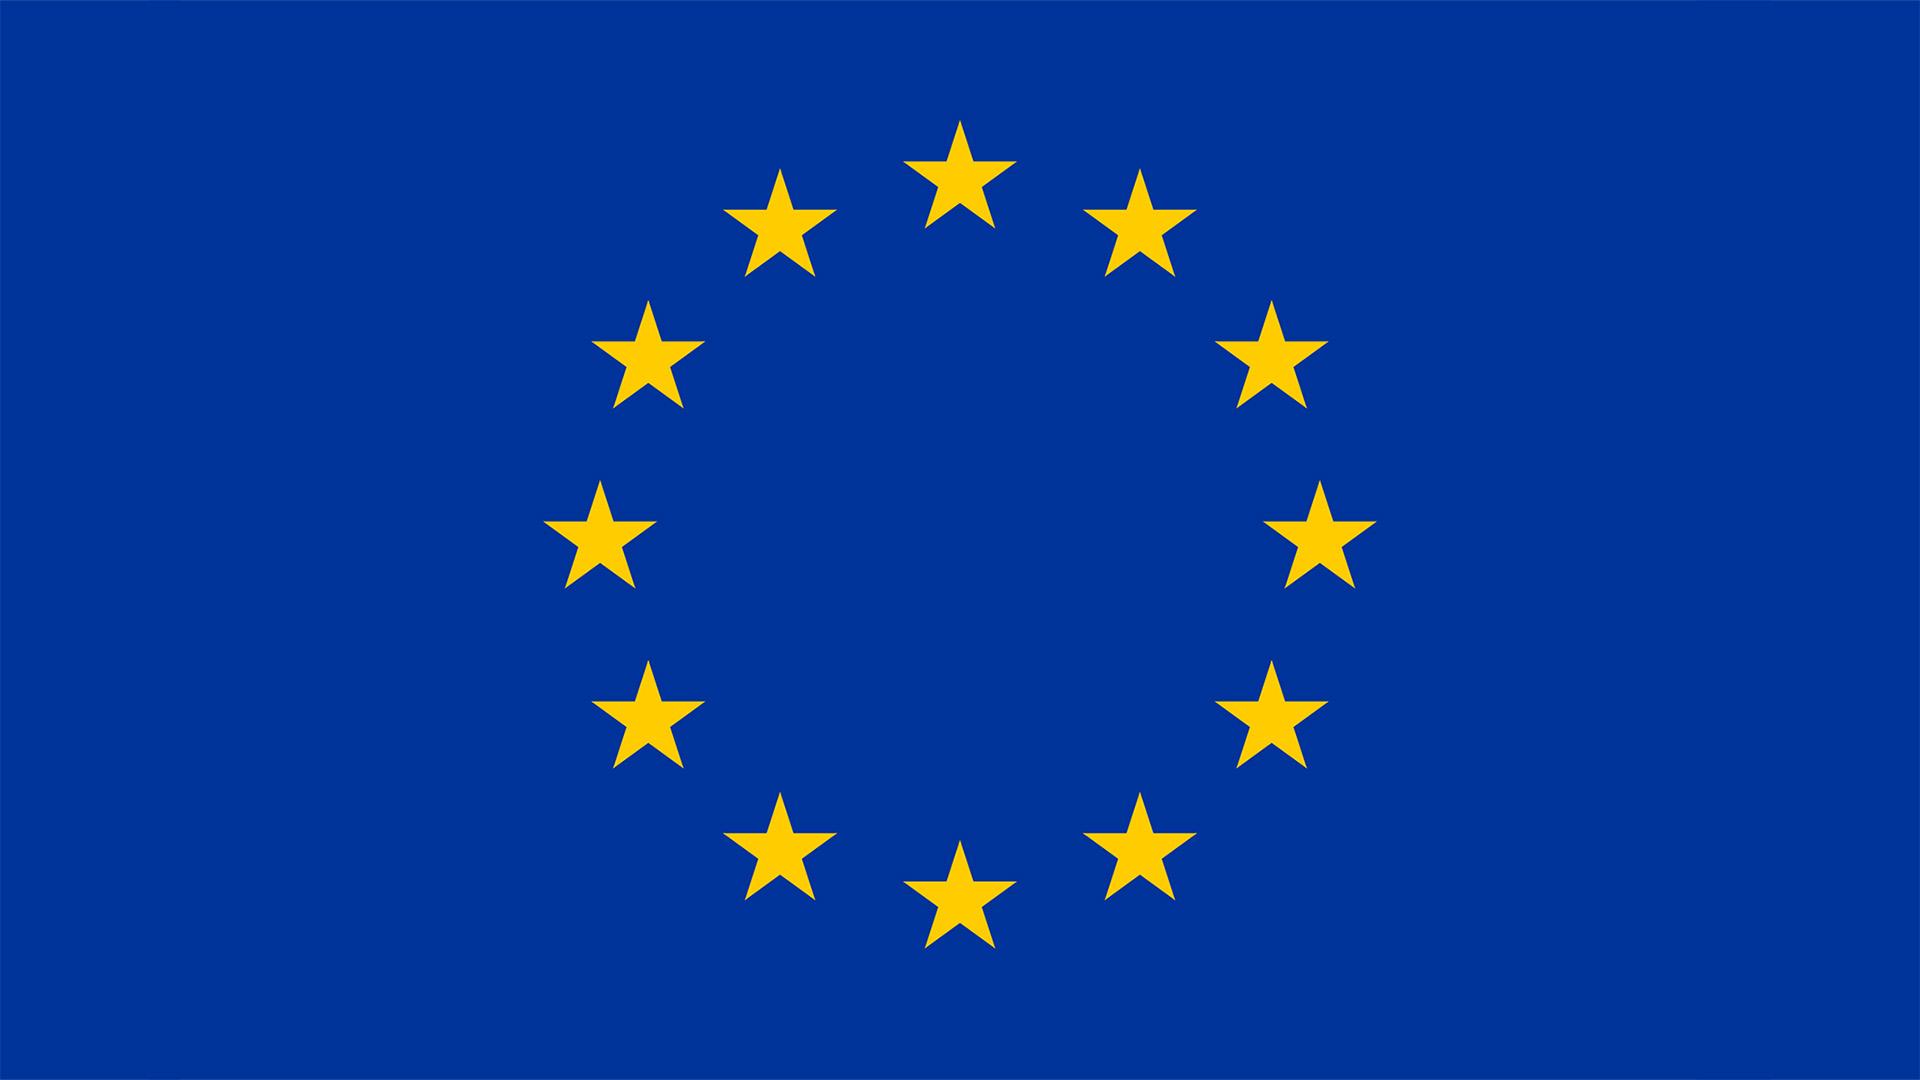 So reagiert die EU auf die US-Strafzölle